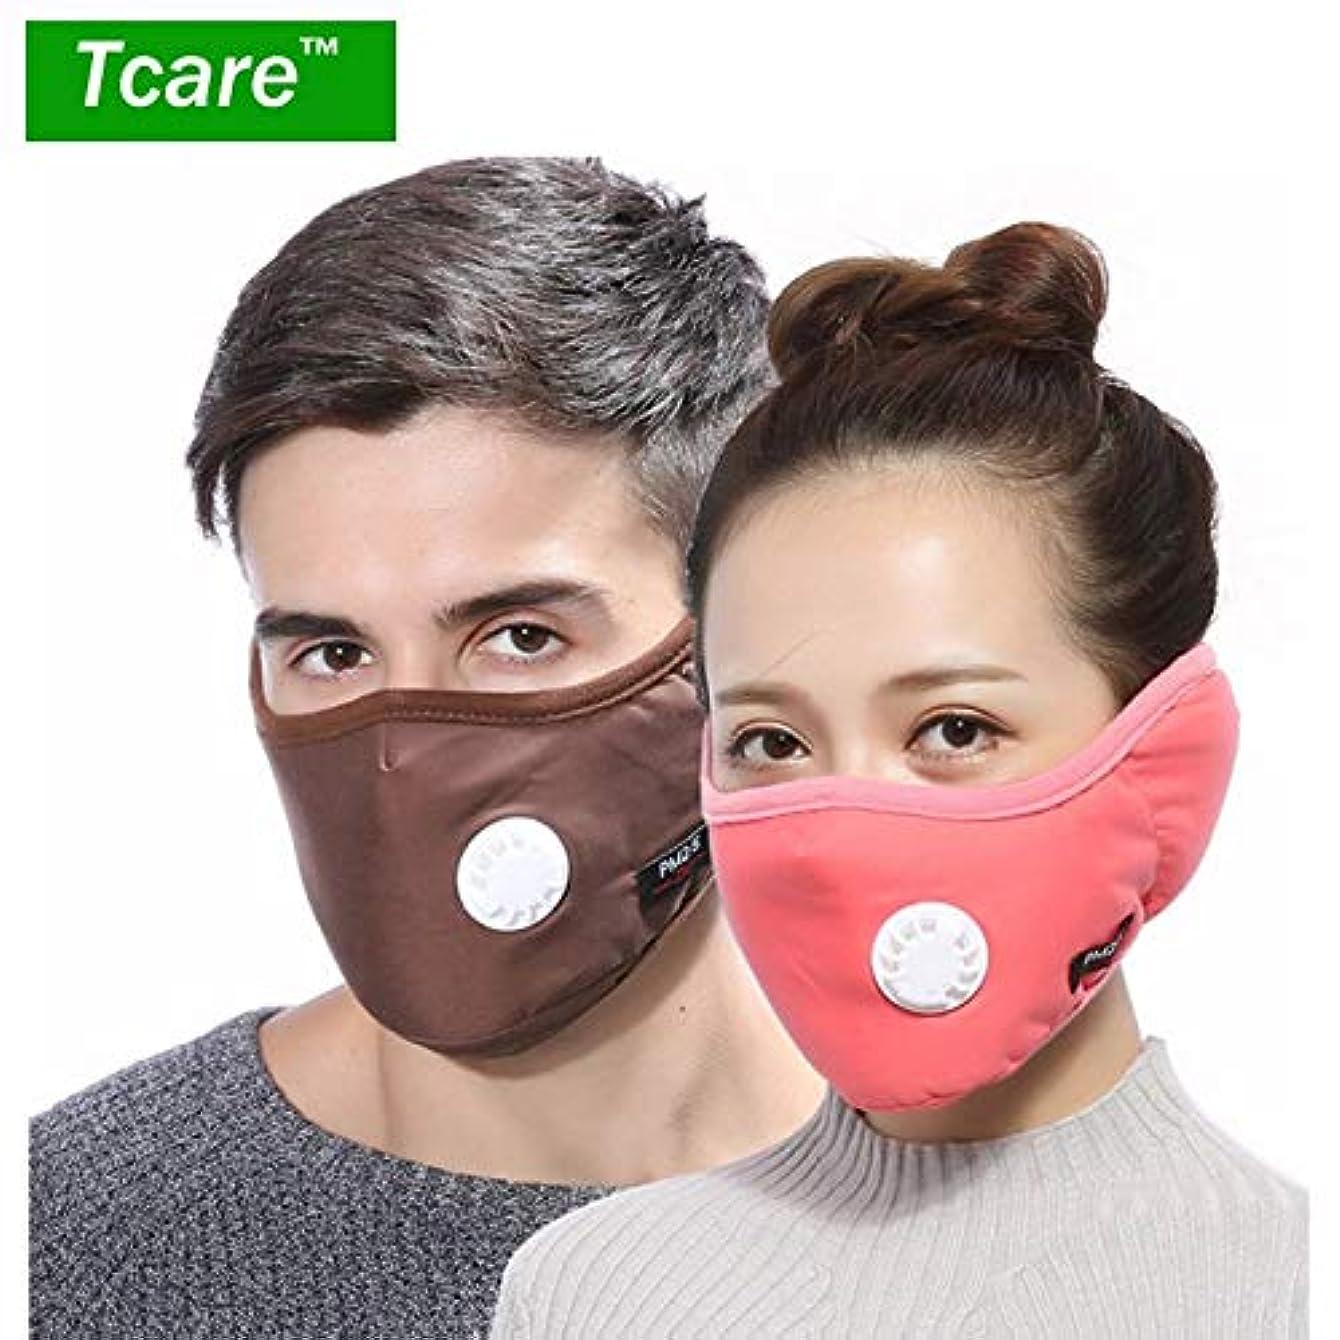 クルーズウッズ公平7グレー:1 PM2.5マスクバルブコットンアンチダスト口マスクの冬のイヤーマフActtedフィルター付マスクでTcare 2